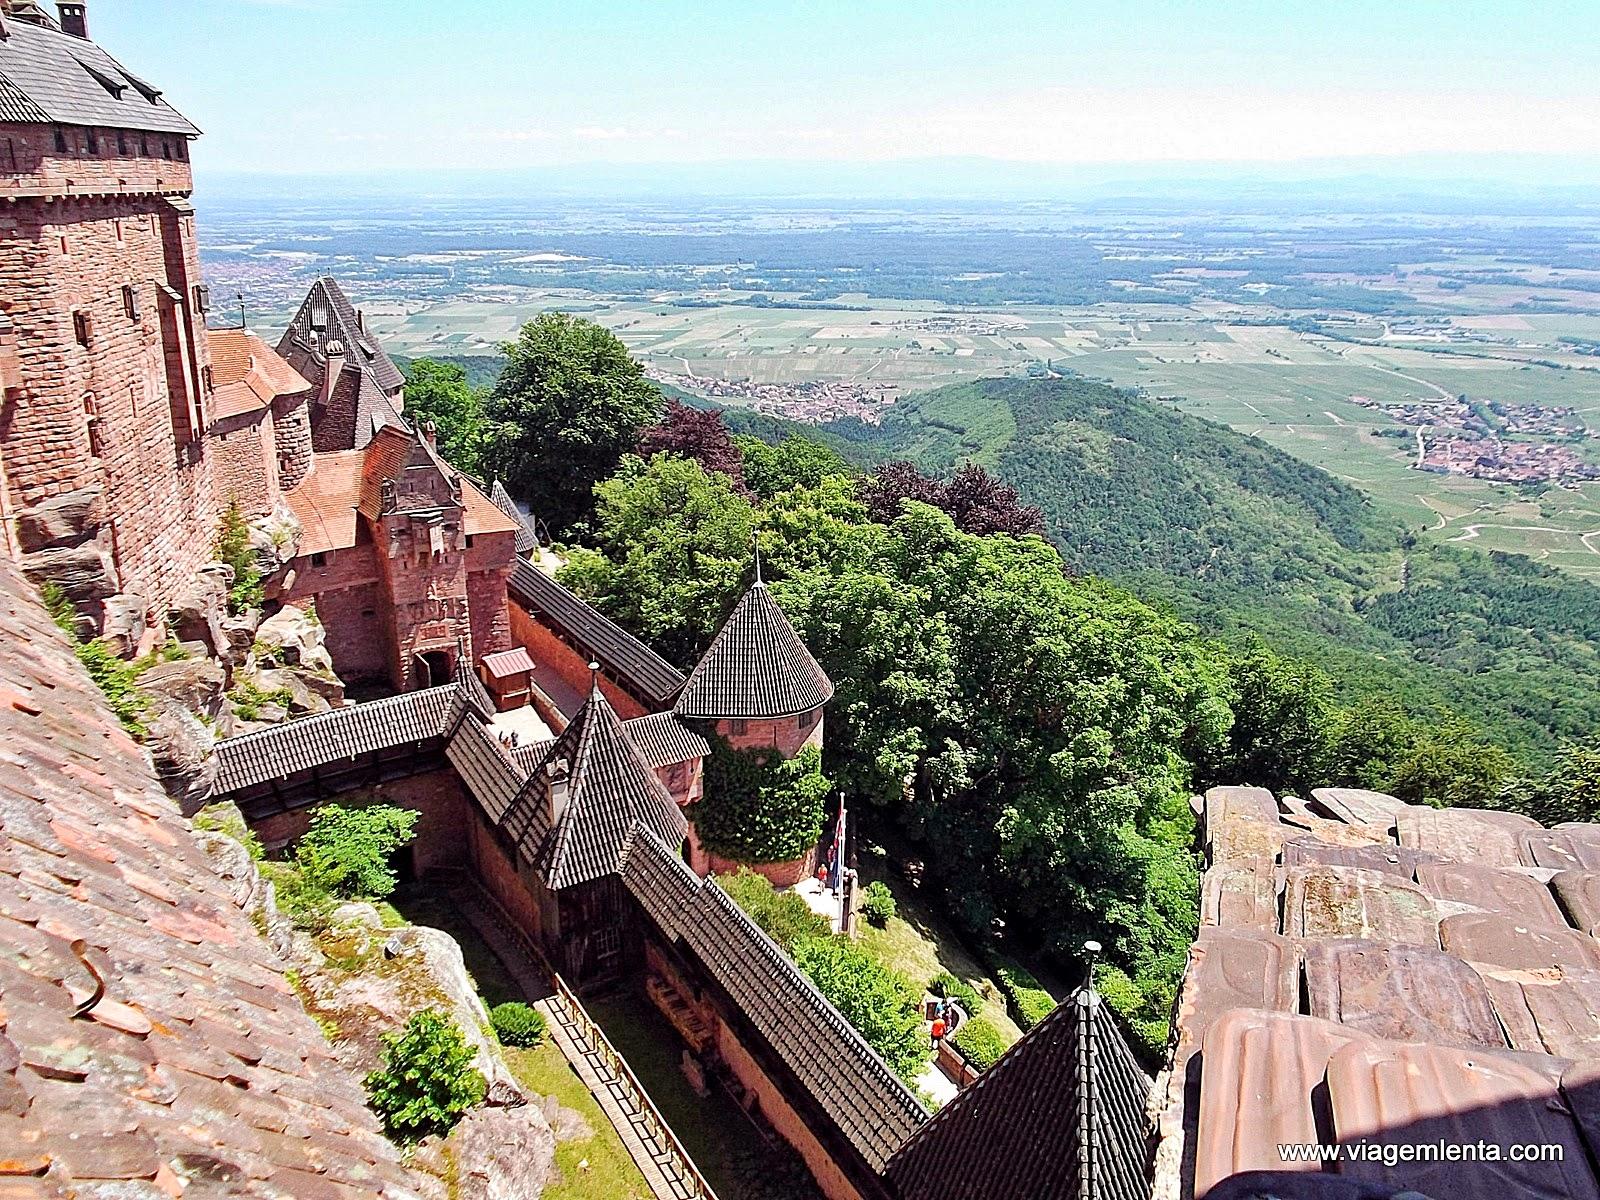 Relato da viagem à região da Alsácia, na França - castelo Haut-Koenigsbourg em Sélestat, e Salzburg, terra de Mozart, na Áustria.